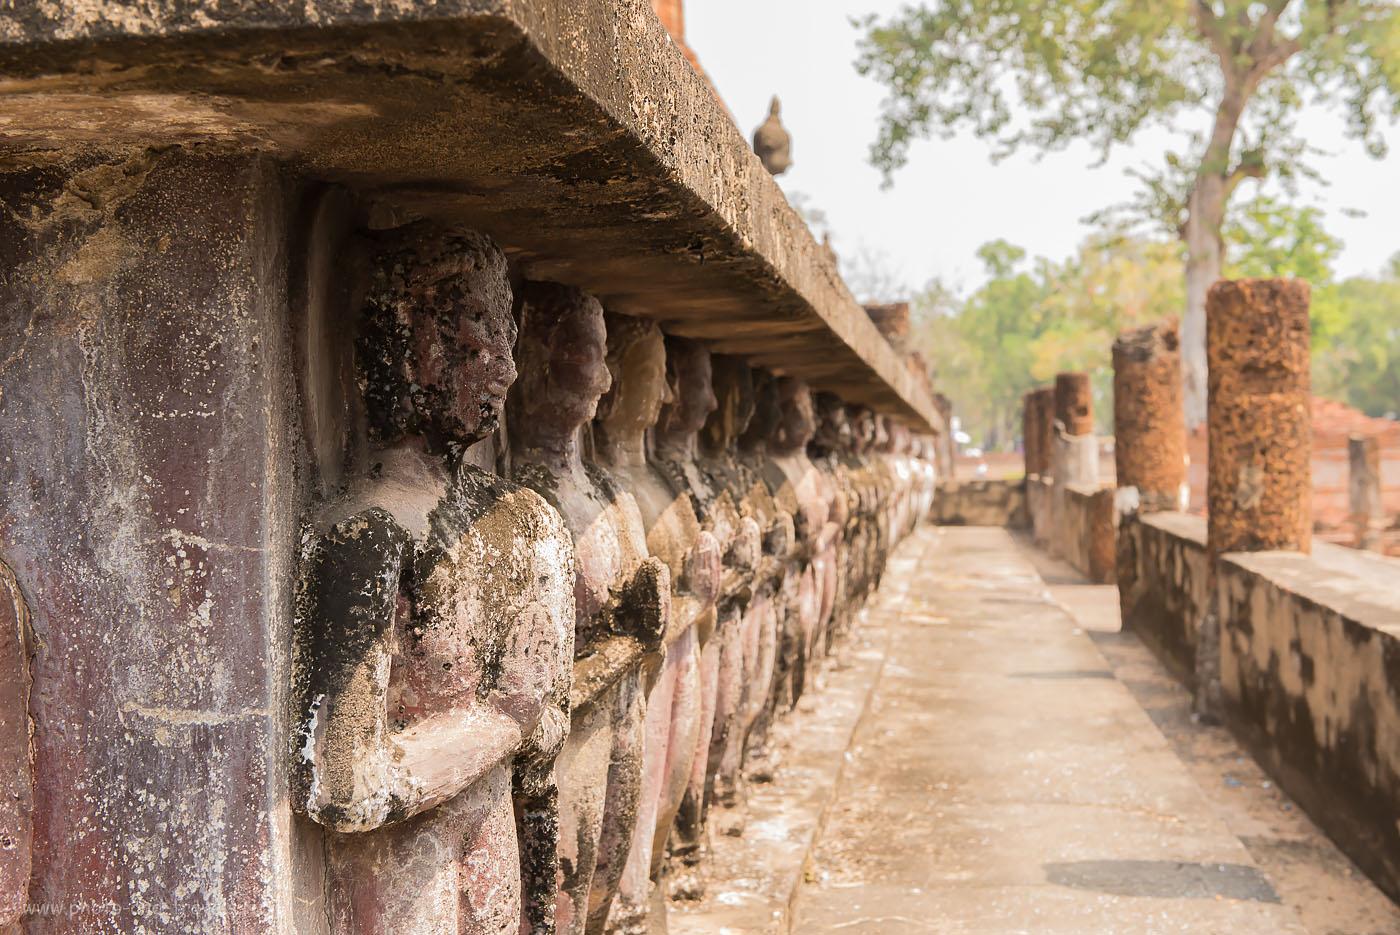 Фото 17. Молитвы... Исторический парк Сукотаи в Таиланде. Одно из интересных мест, куда легко добраться из Бангкока.